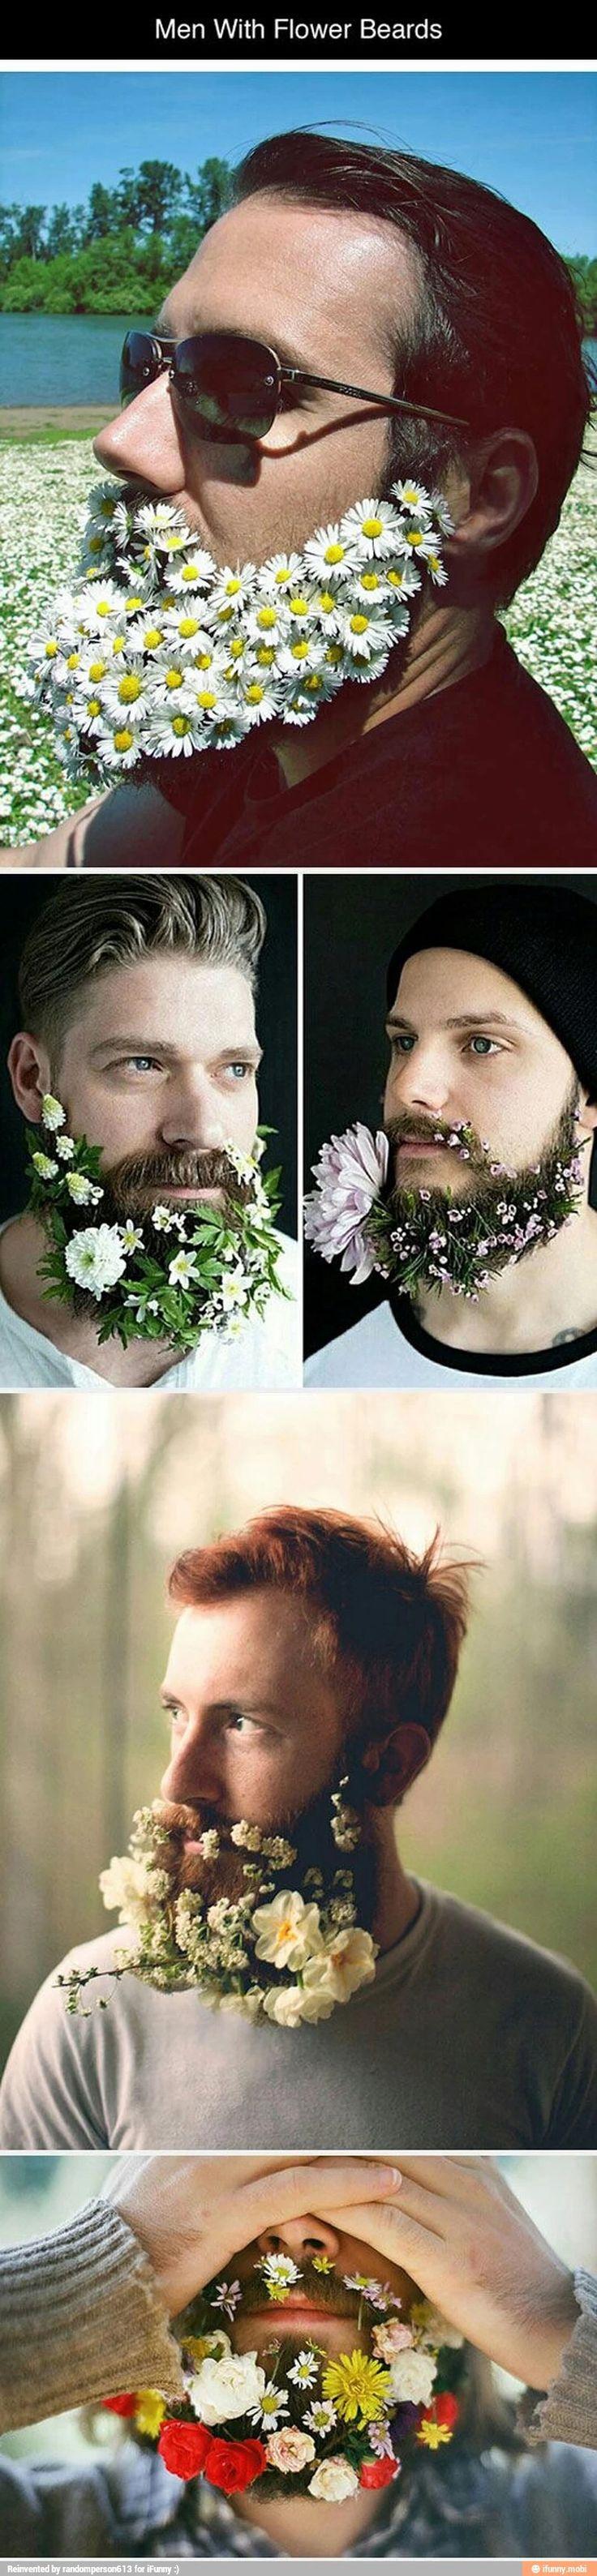 Flower beards....